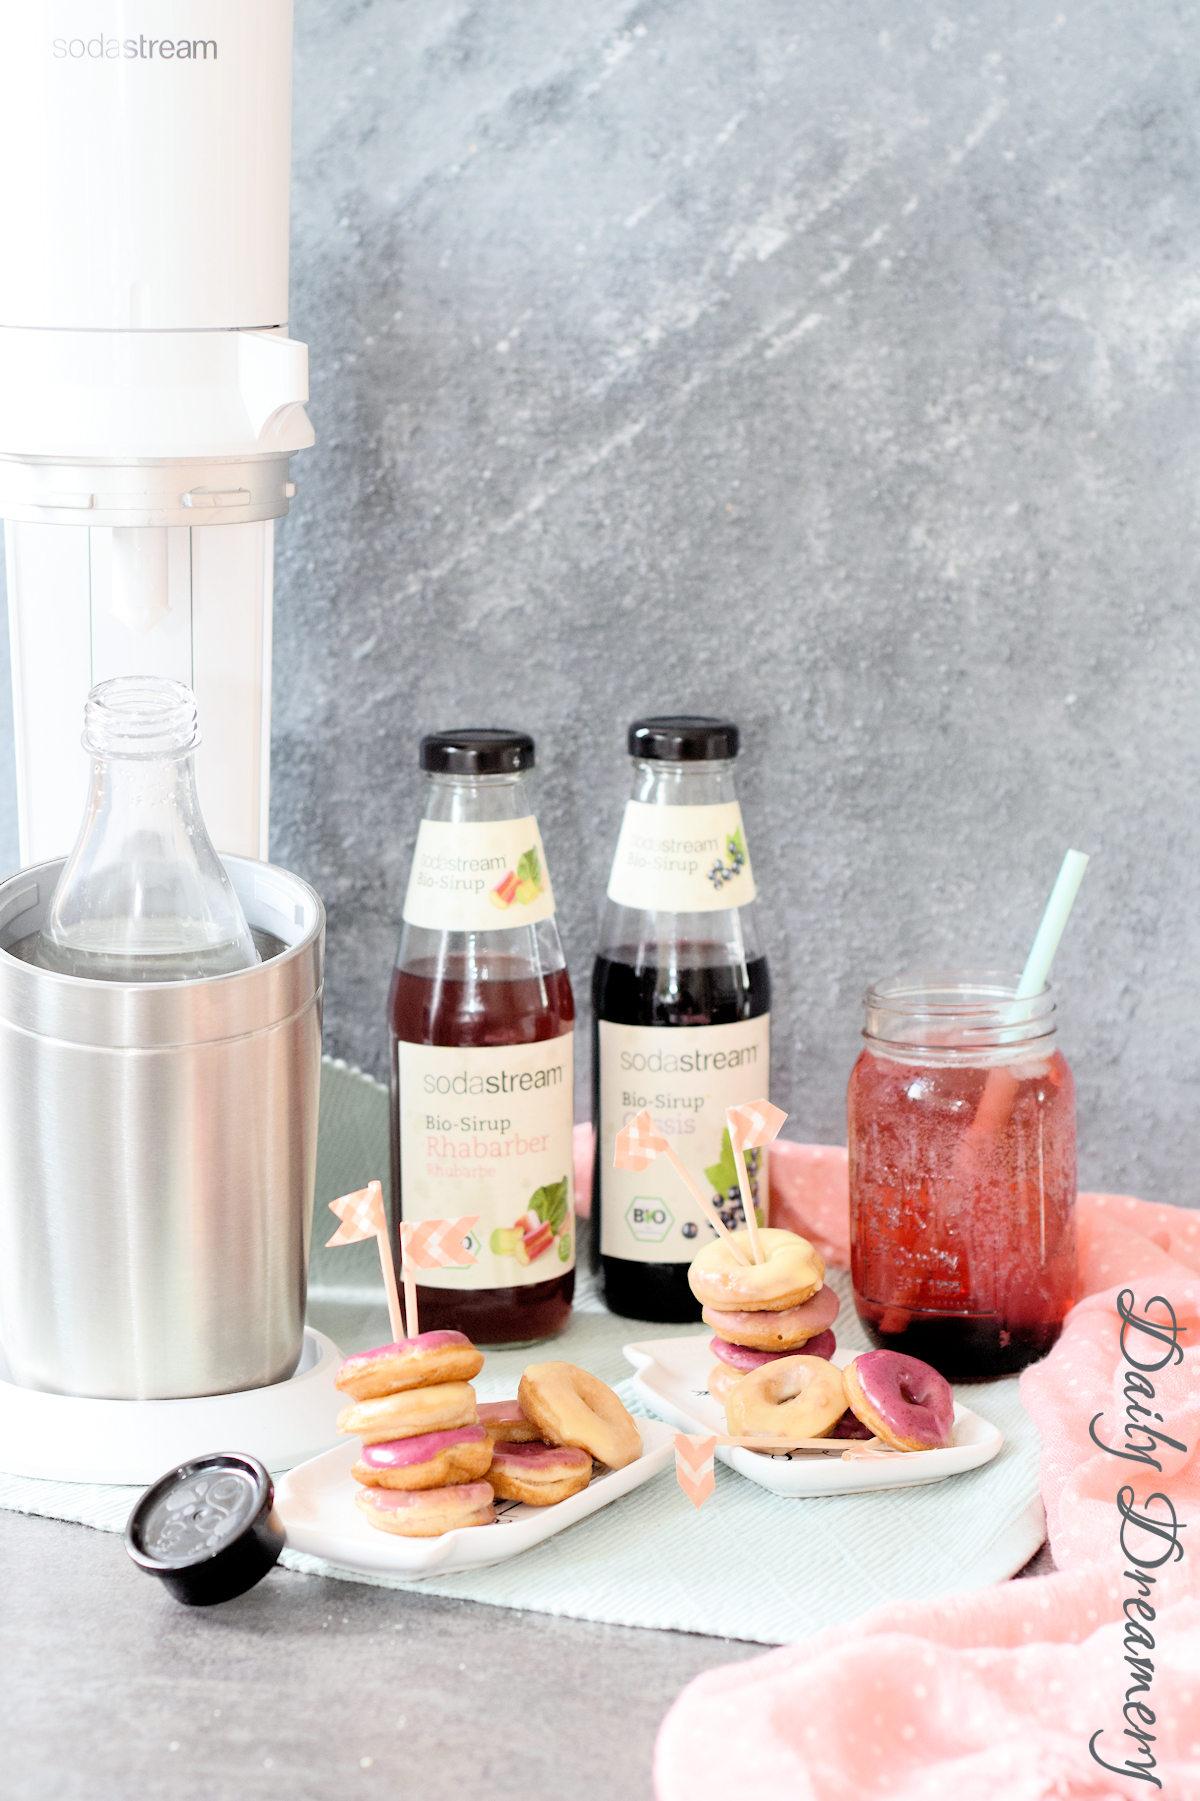 Rezept für vegane Mini-Donuts mit fruchtigem Guss und spritzige Bio-Limo vom SodaStream